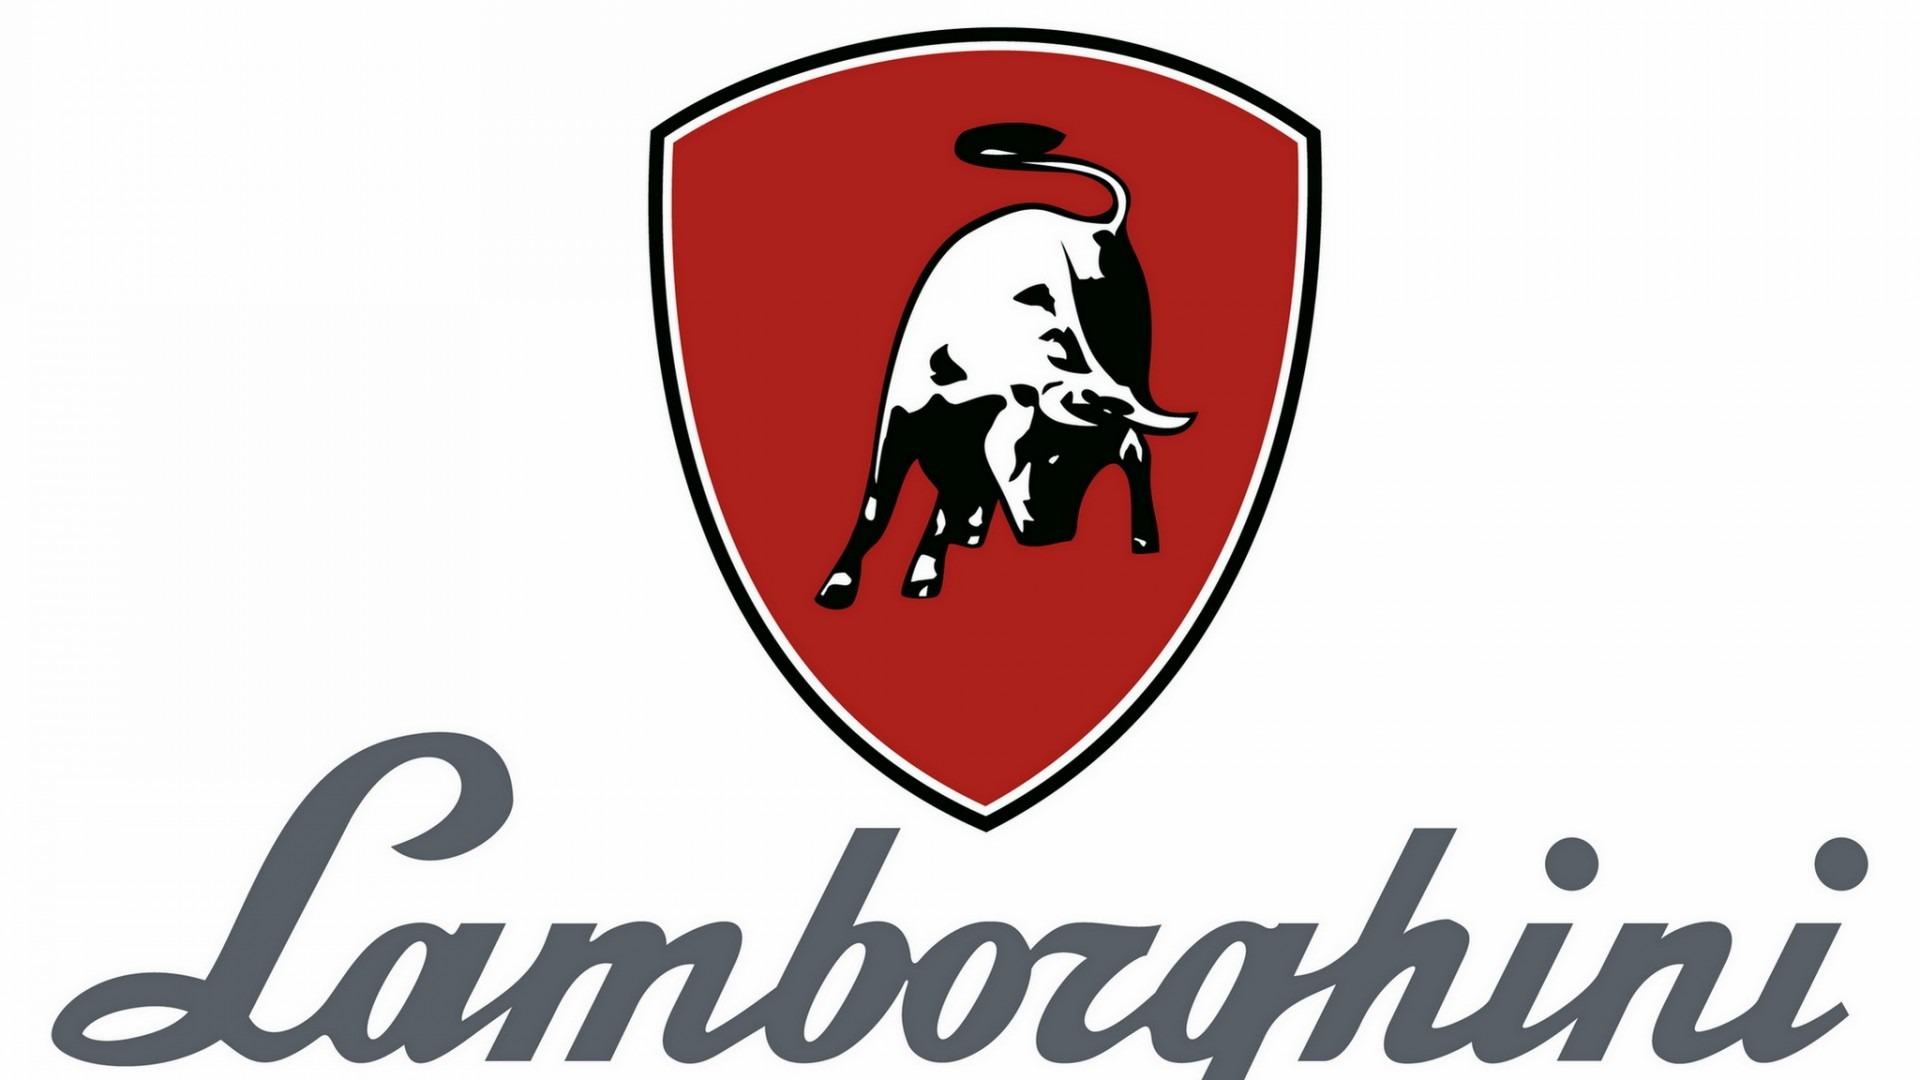 lamborghini logo wallpapers sharovarka pinterest lamborghini rh pinterest co uk lamborghini logo vector lamborghini logo wallpaper